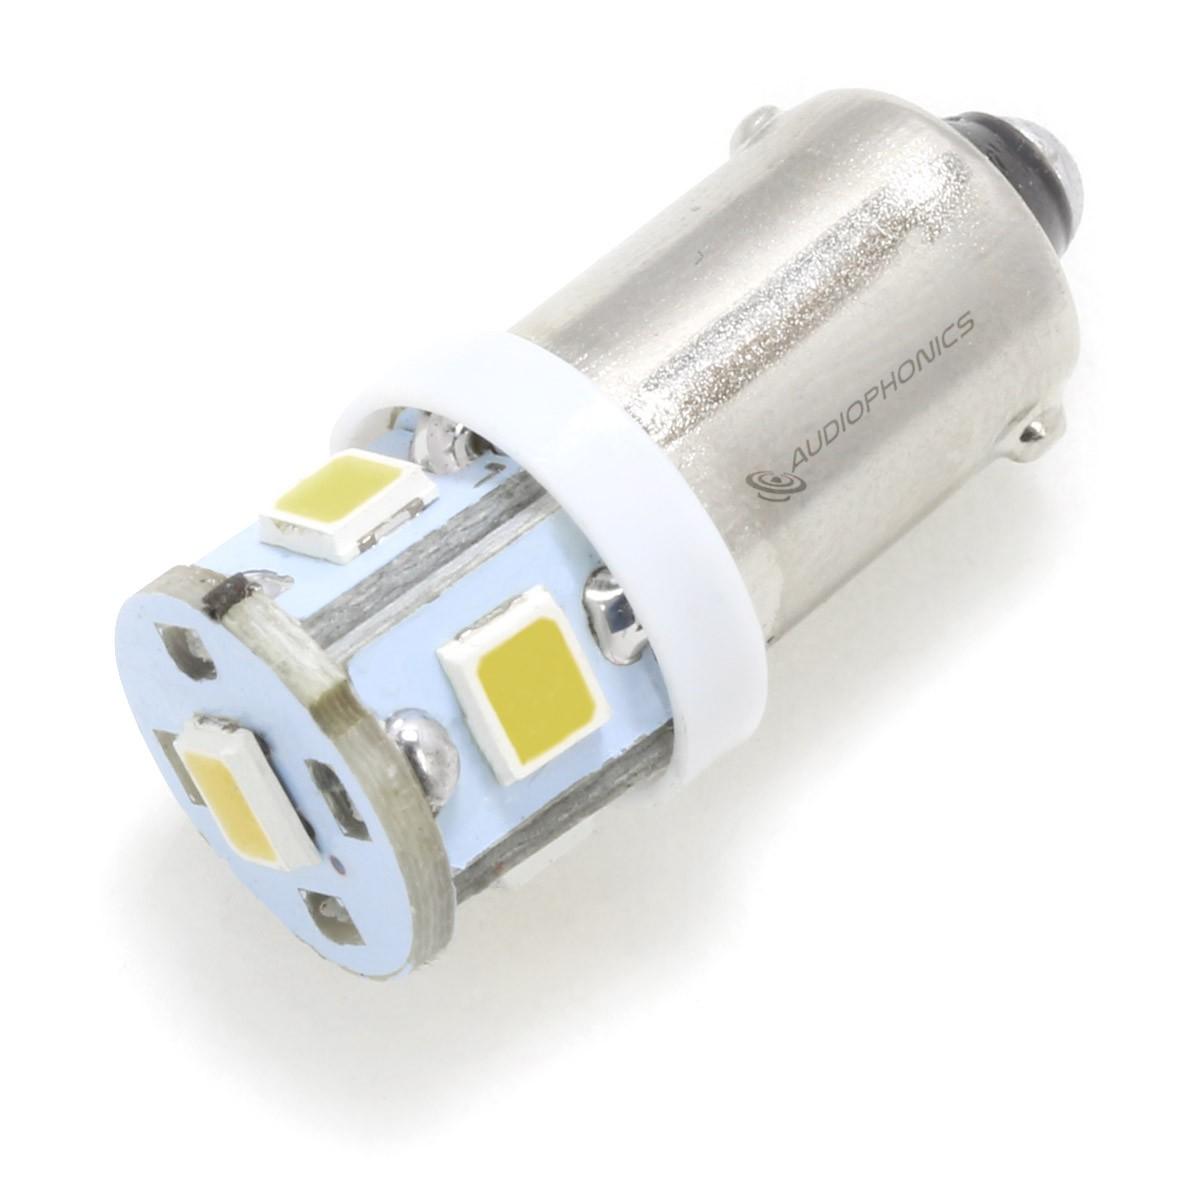 LED Fuse Lamp Warm White for Vu-Meter / Tuner 6.3V